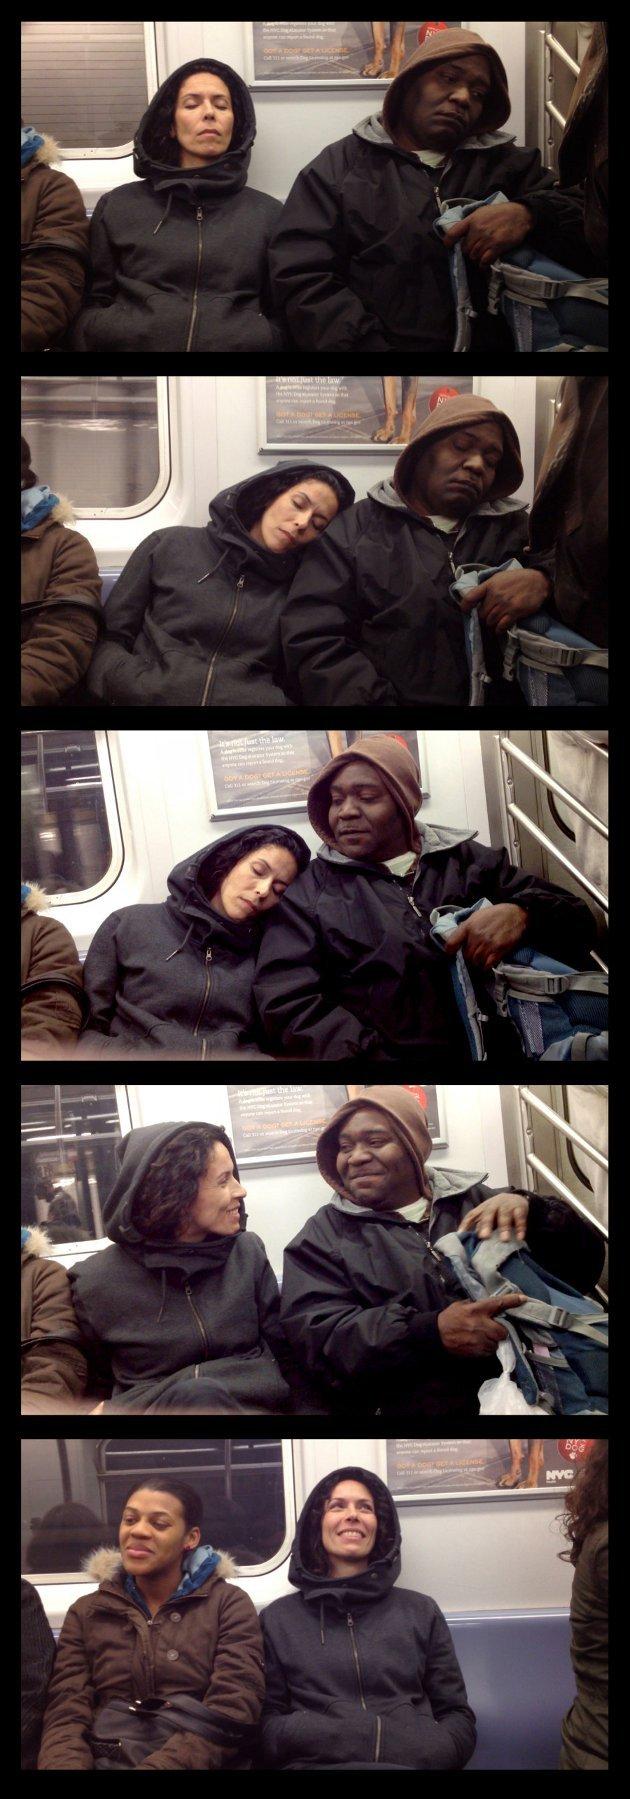 hogyan-reagalunk-ha-valaki-elbobiskol-rajtunk-a-metron-07